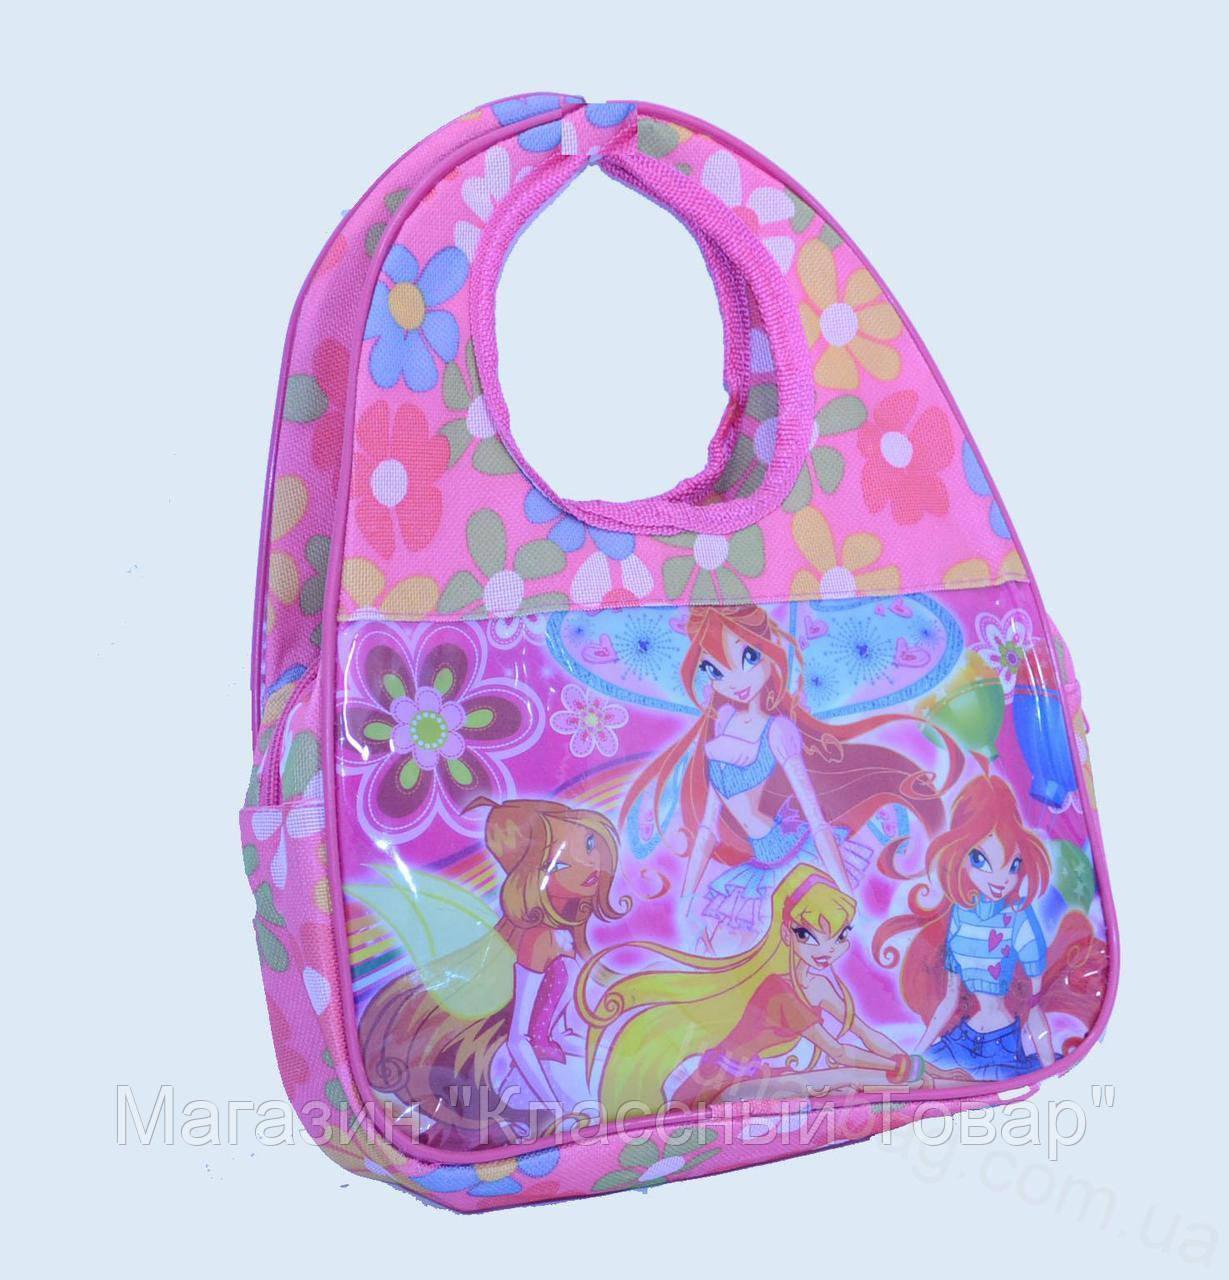 SALE! Детская сумочка для девочки с рисунком Winx Club А68 (22х30х7)